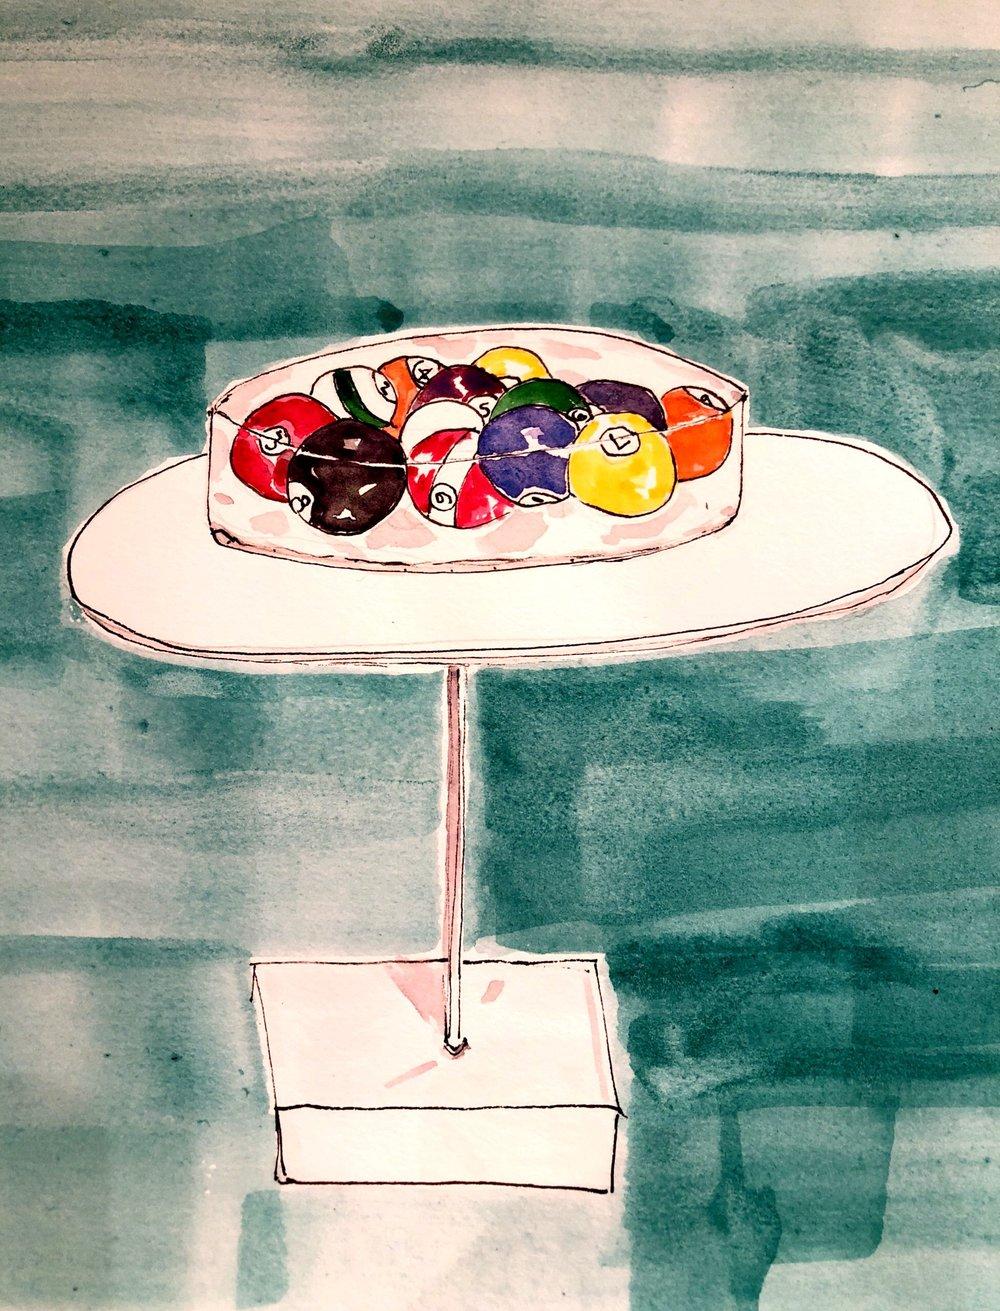 Billiard balls on display - drawing by Lisa Van Dusen